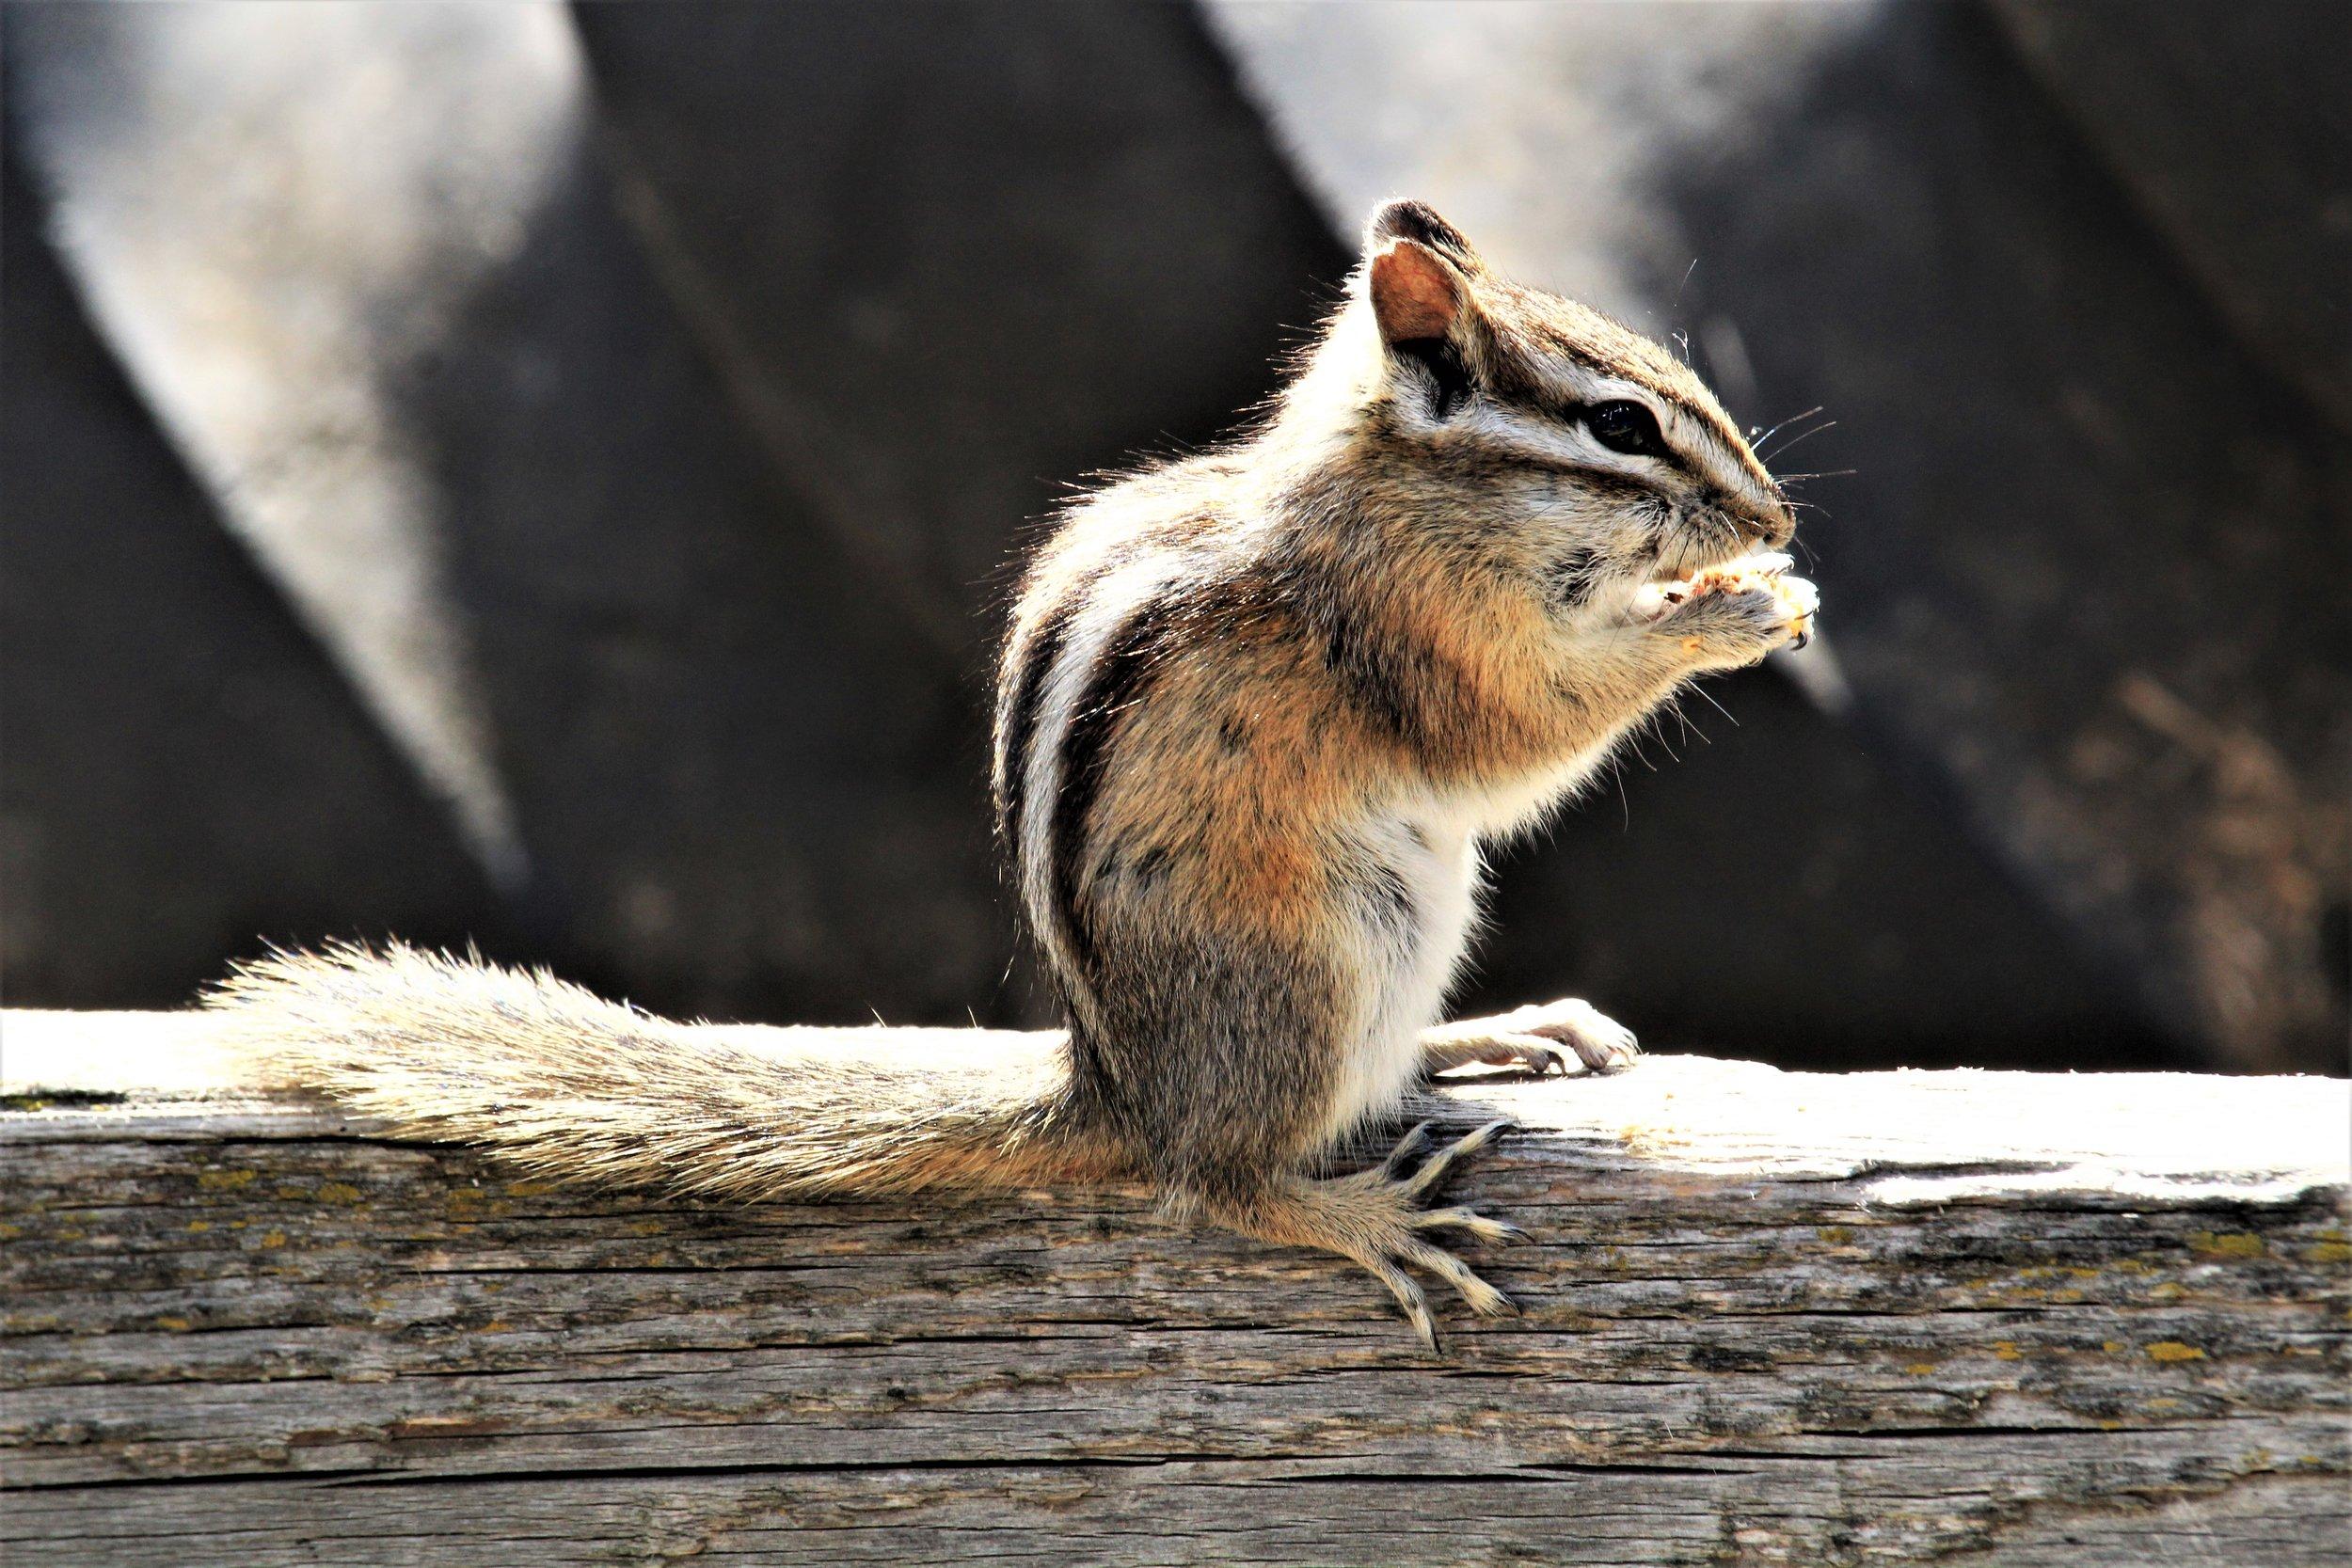 IMG_2821 Chipmunk at Kamloops Wildlife Park.JPG